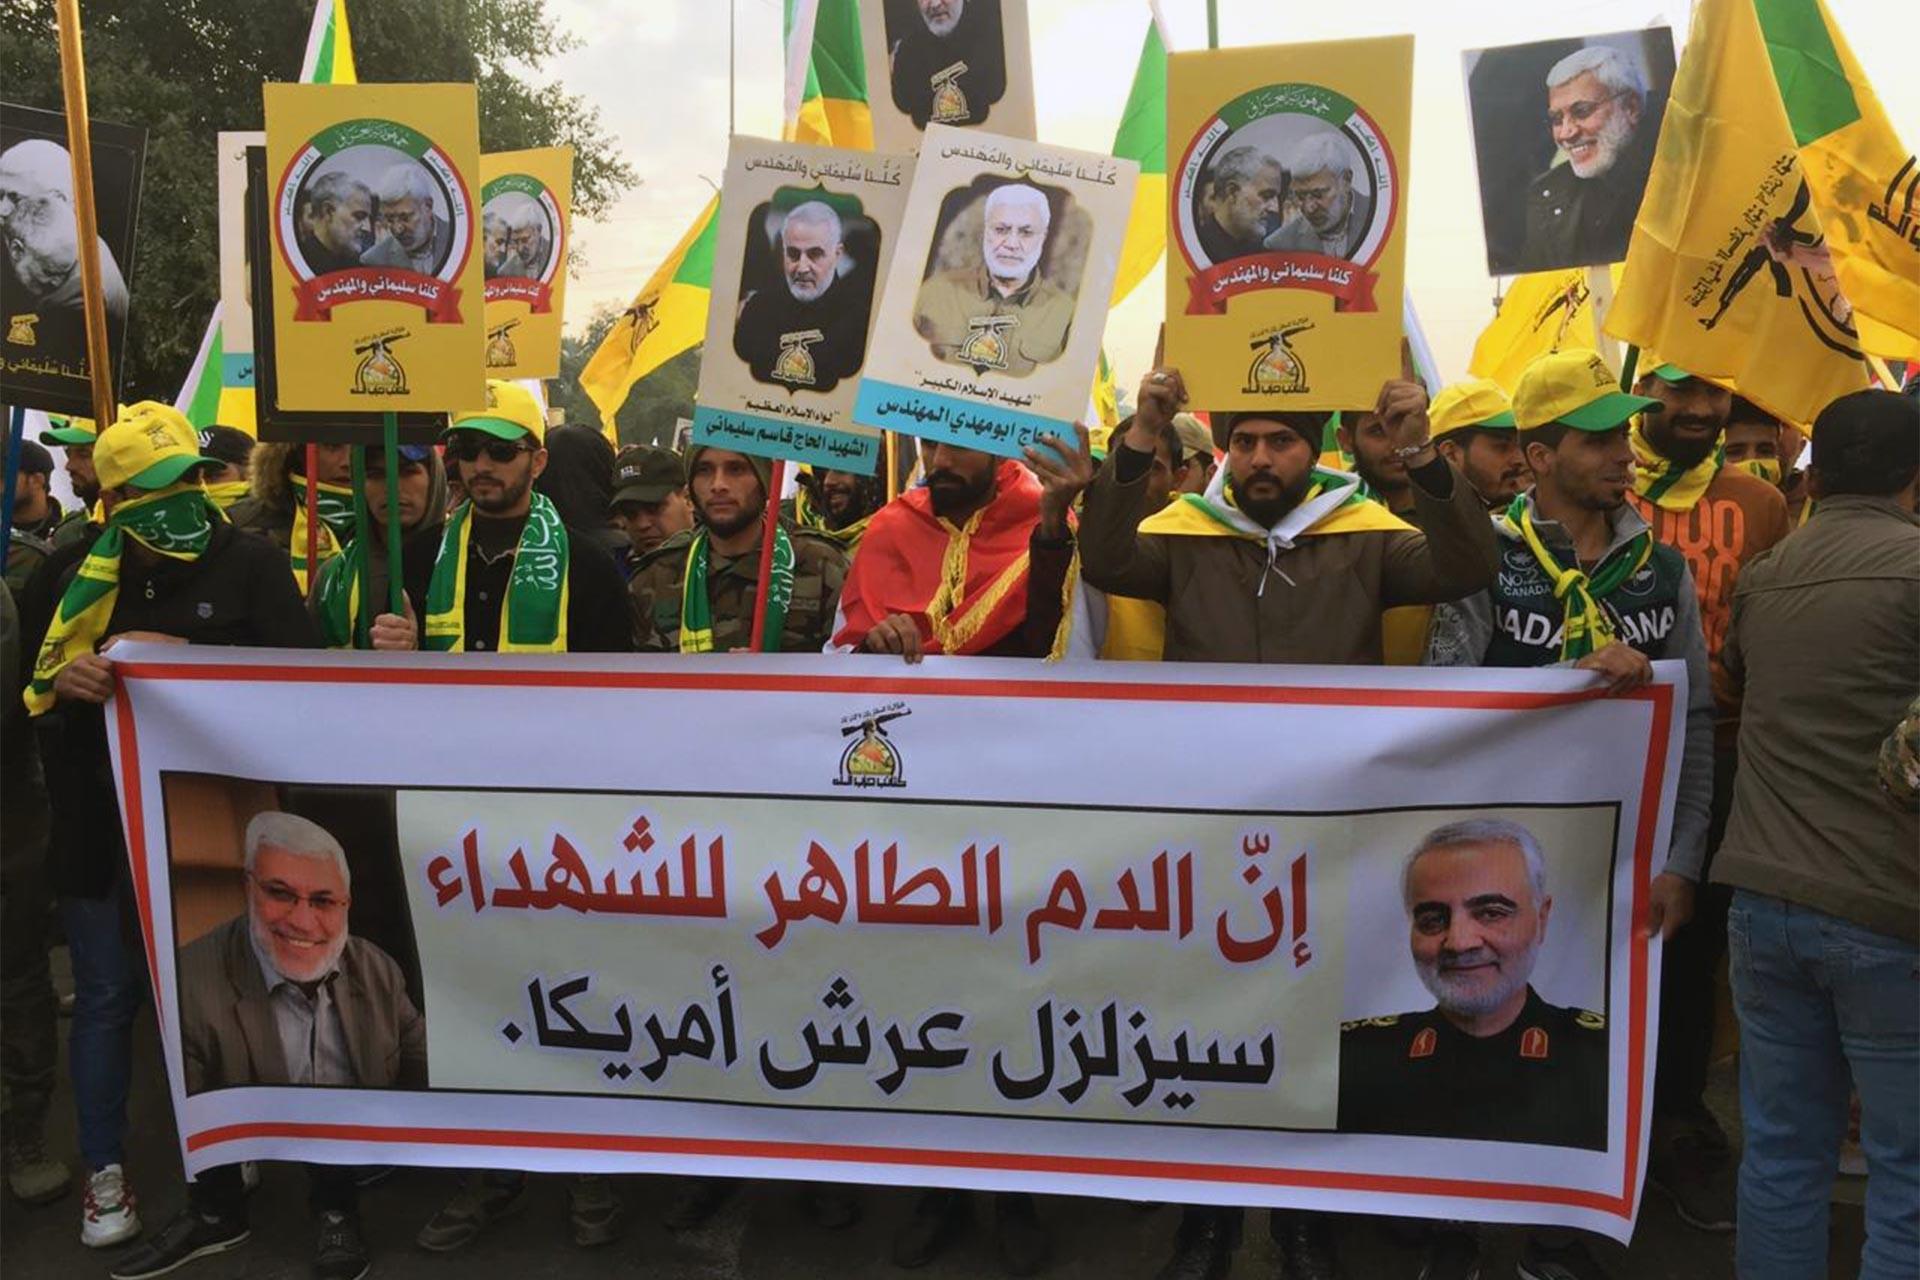 Süleymani ve Mühendis'in cenaze töreni için toplanan Iraklılar ellerinde döviz ve bayraklar taşıyor